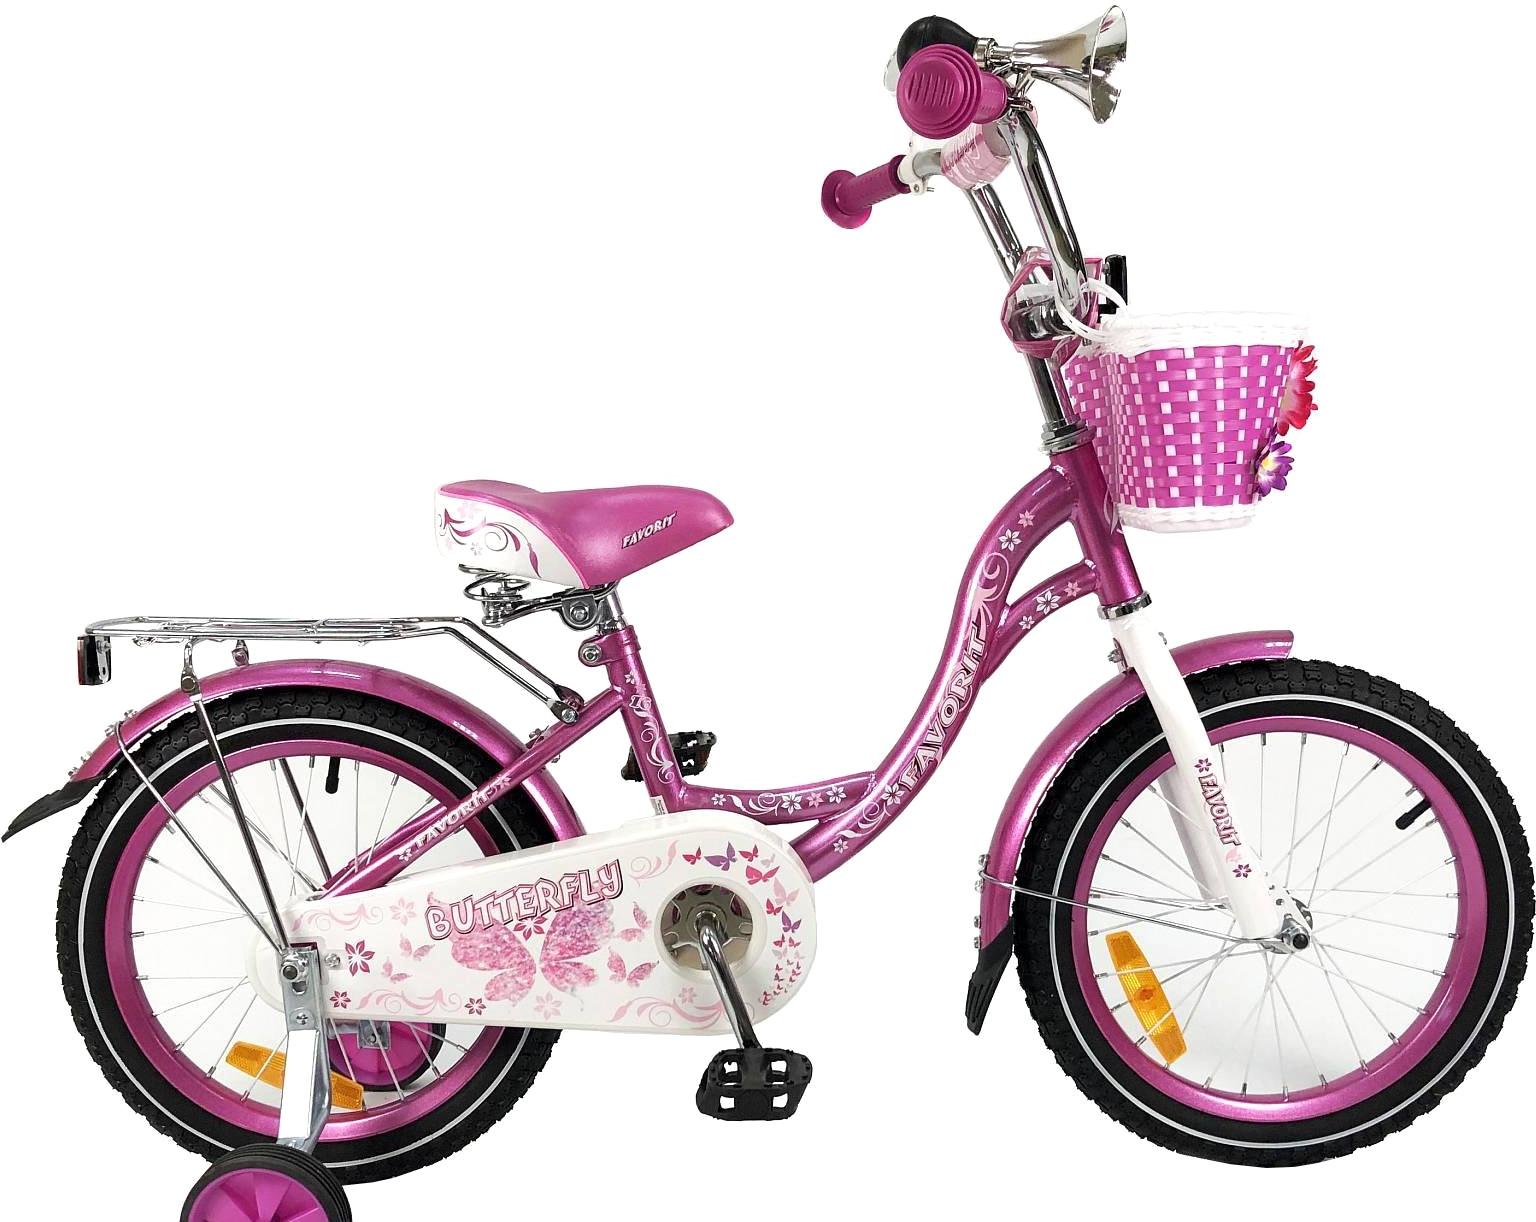 Детский велосипед Favorit Butterfly 18 (фиолетовый, 2019)